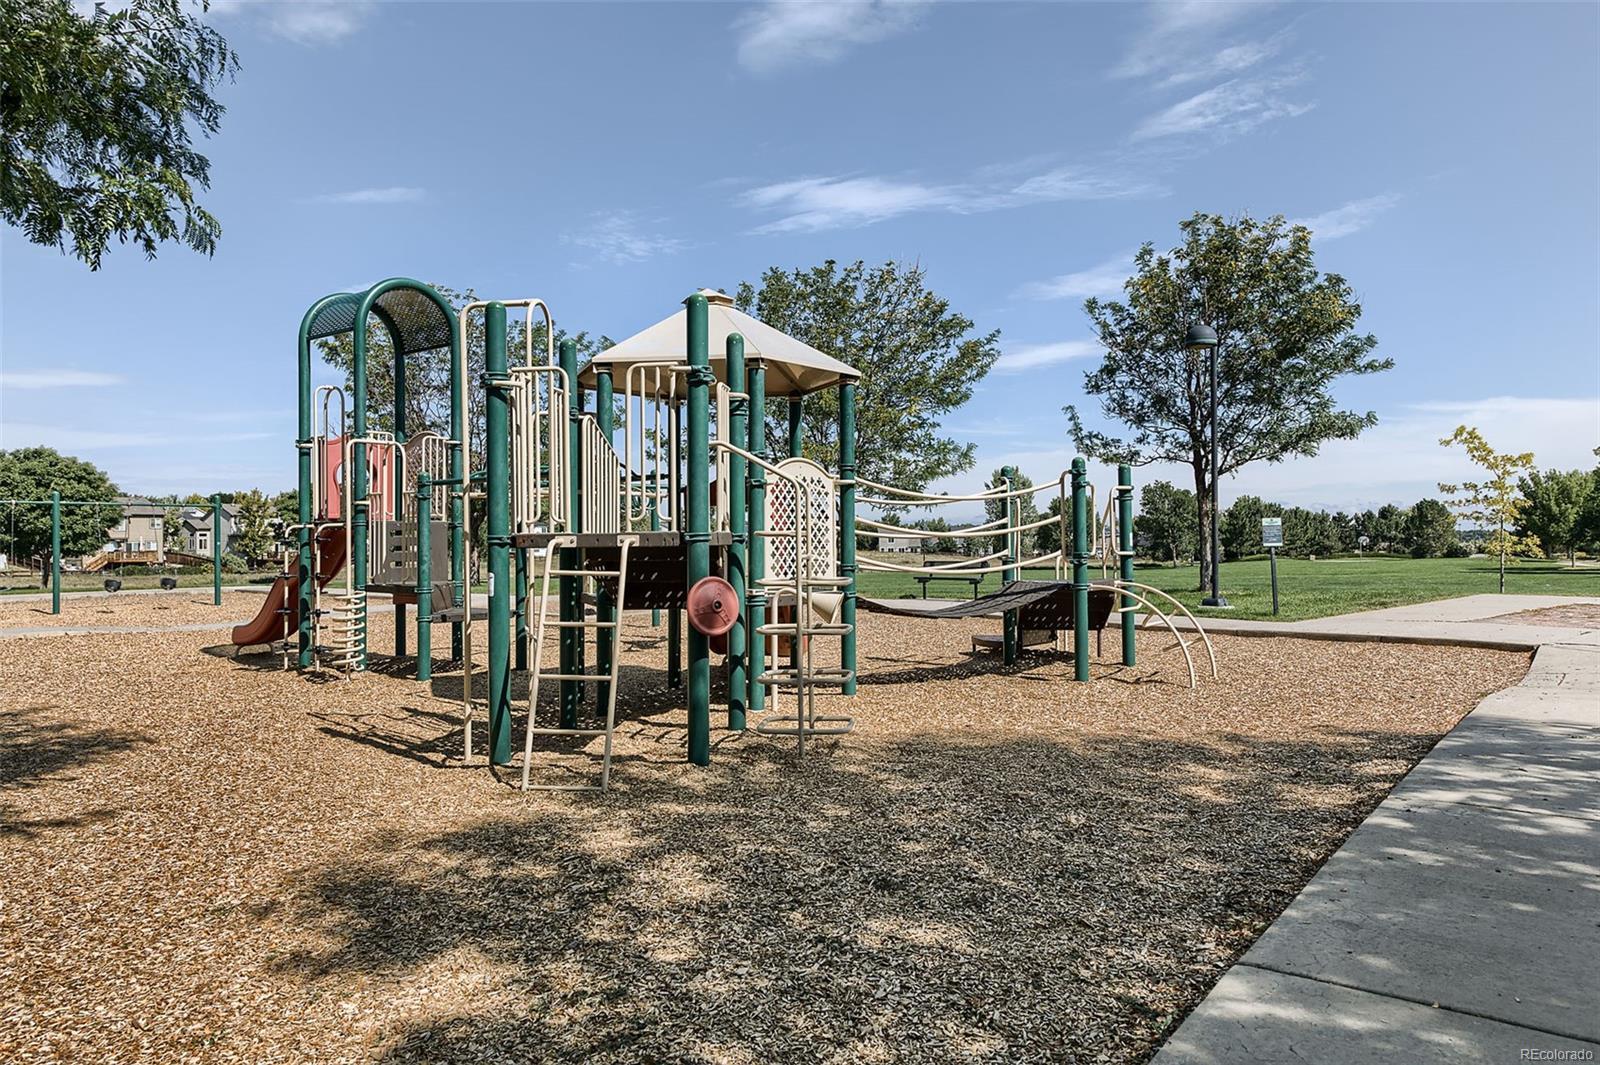 Area park